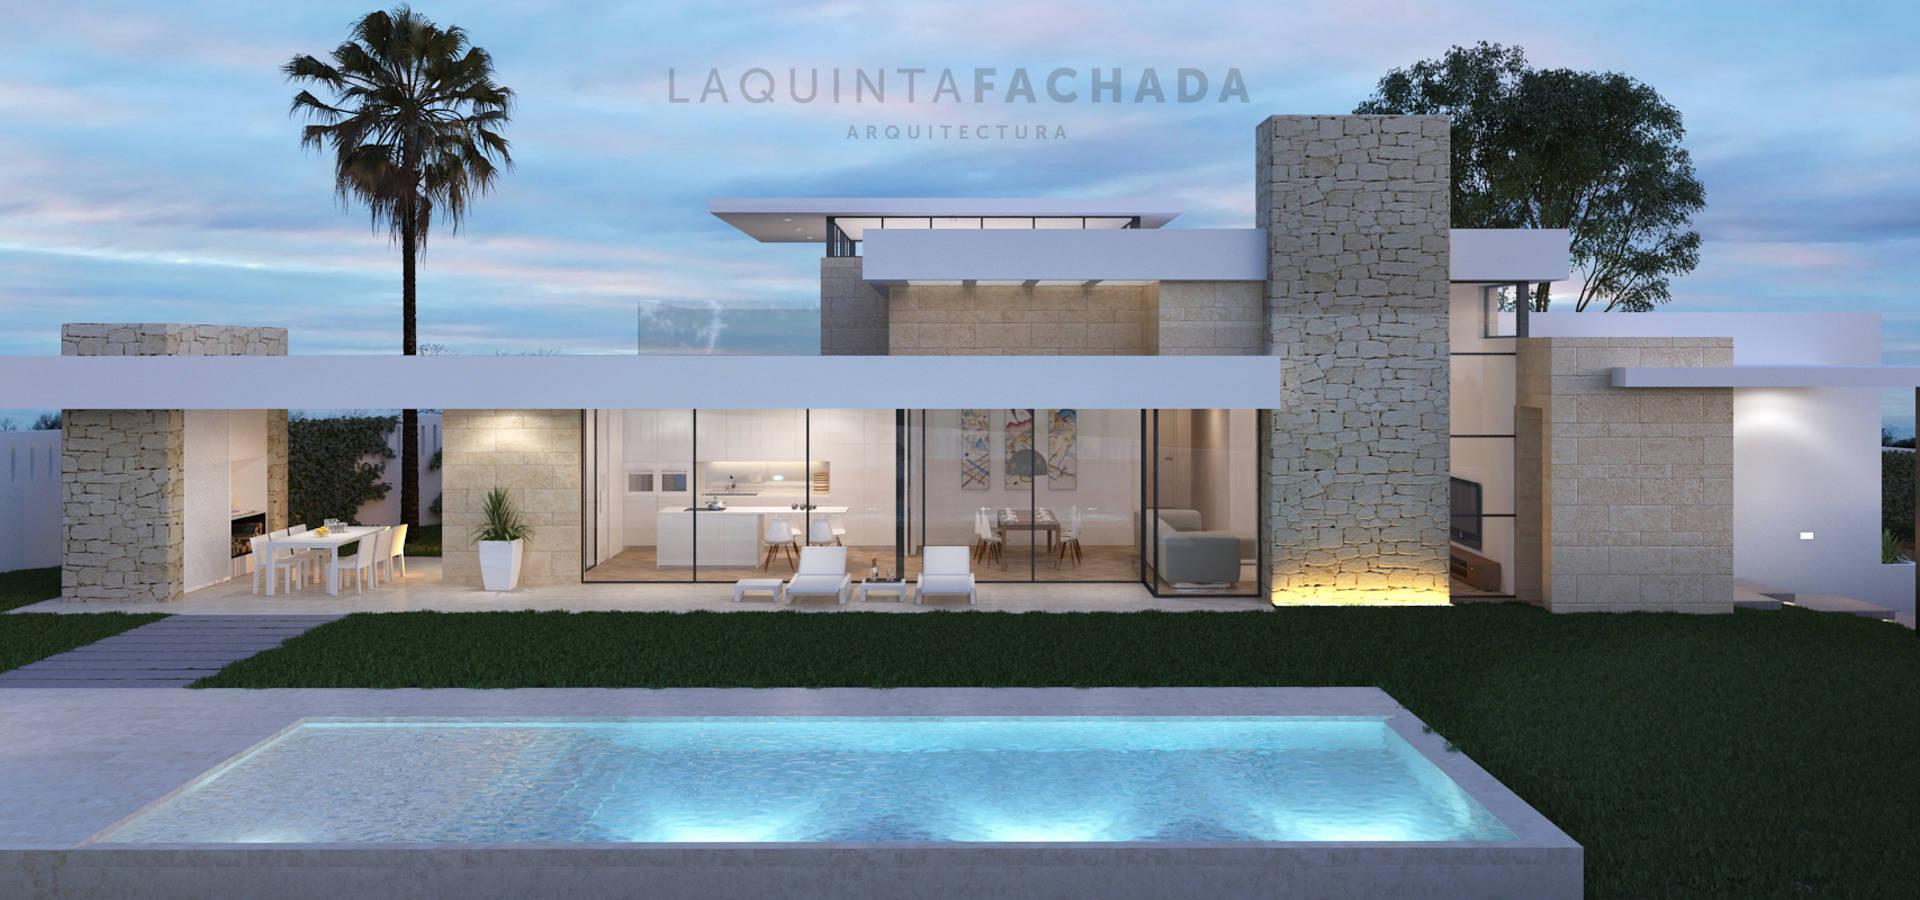 Vivienda unifamiliar r g benissa de l5f arquitectura e - Fachadas arquitectura ...